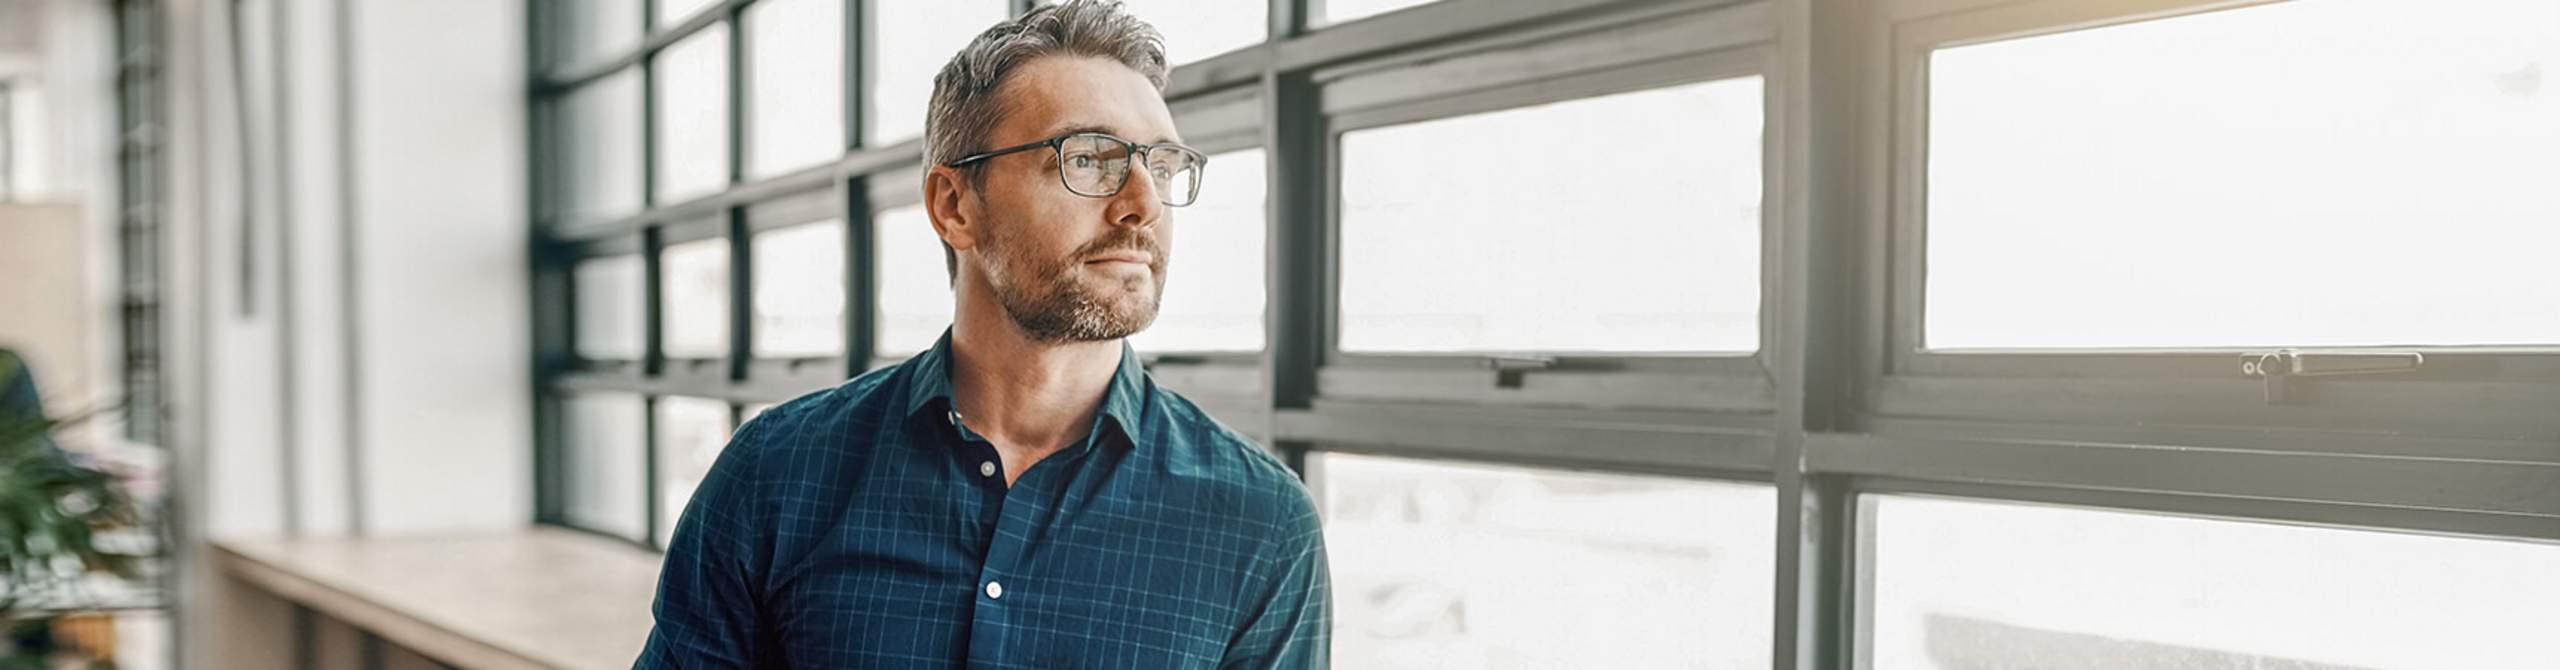 Mann steht in einem modernen Bürogebäude und schaut aus dem Fenster